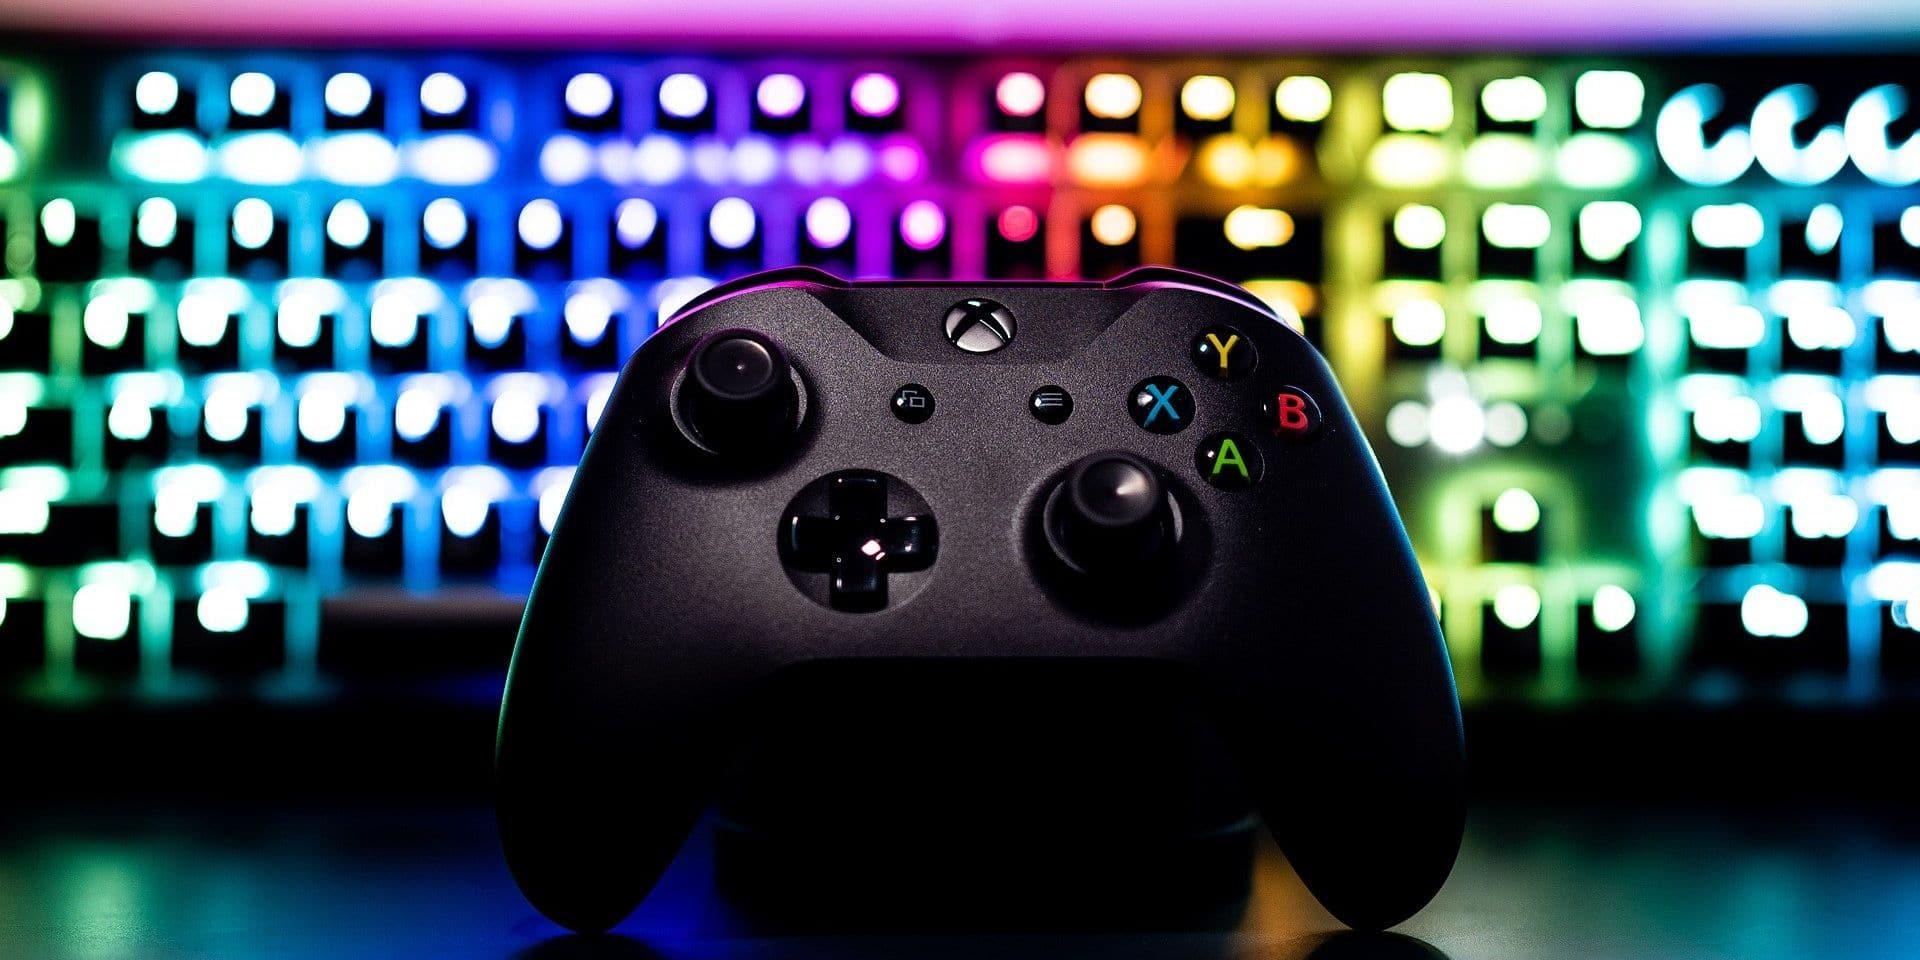 Le monde des jeux vidéo en ligne à nouveau menacé par les autorités chinoises